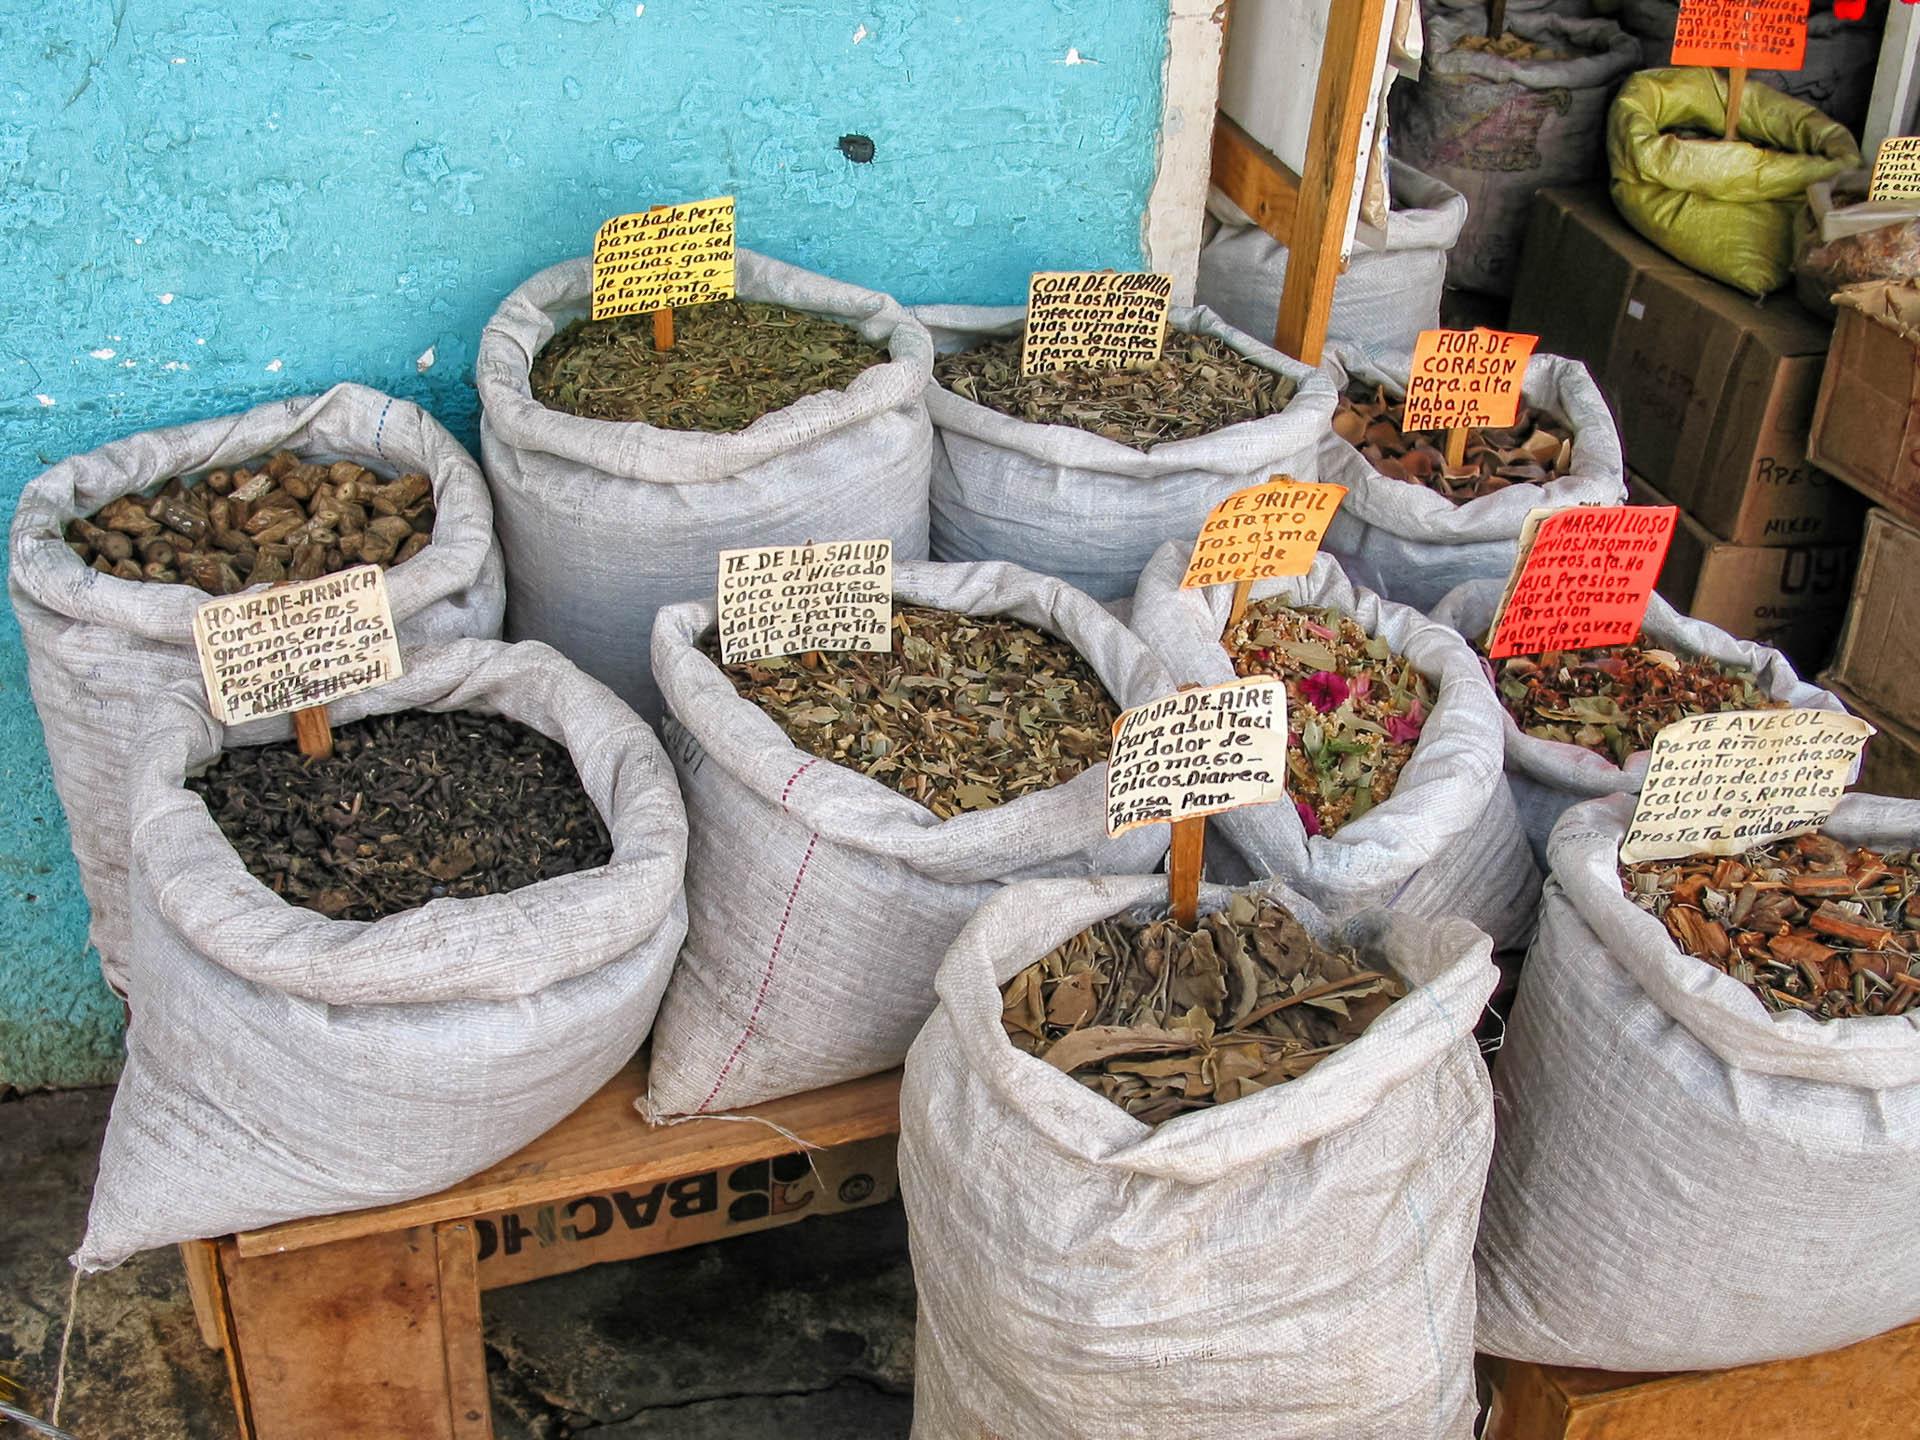 Heilpflanzen auf einem Markt in San Christobal de la Casas, Mexiko